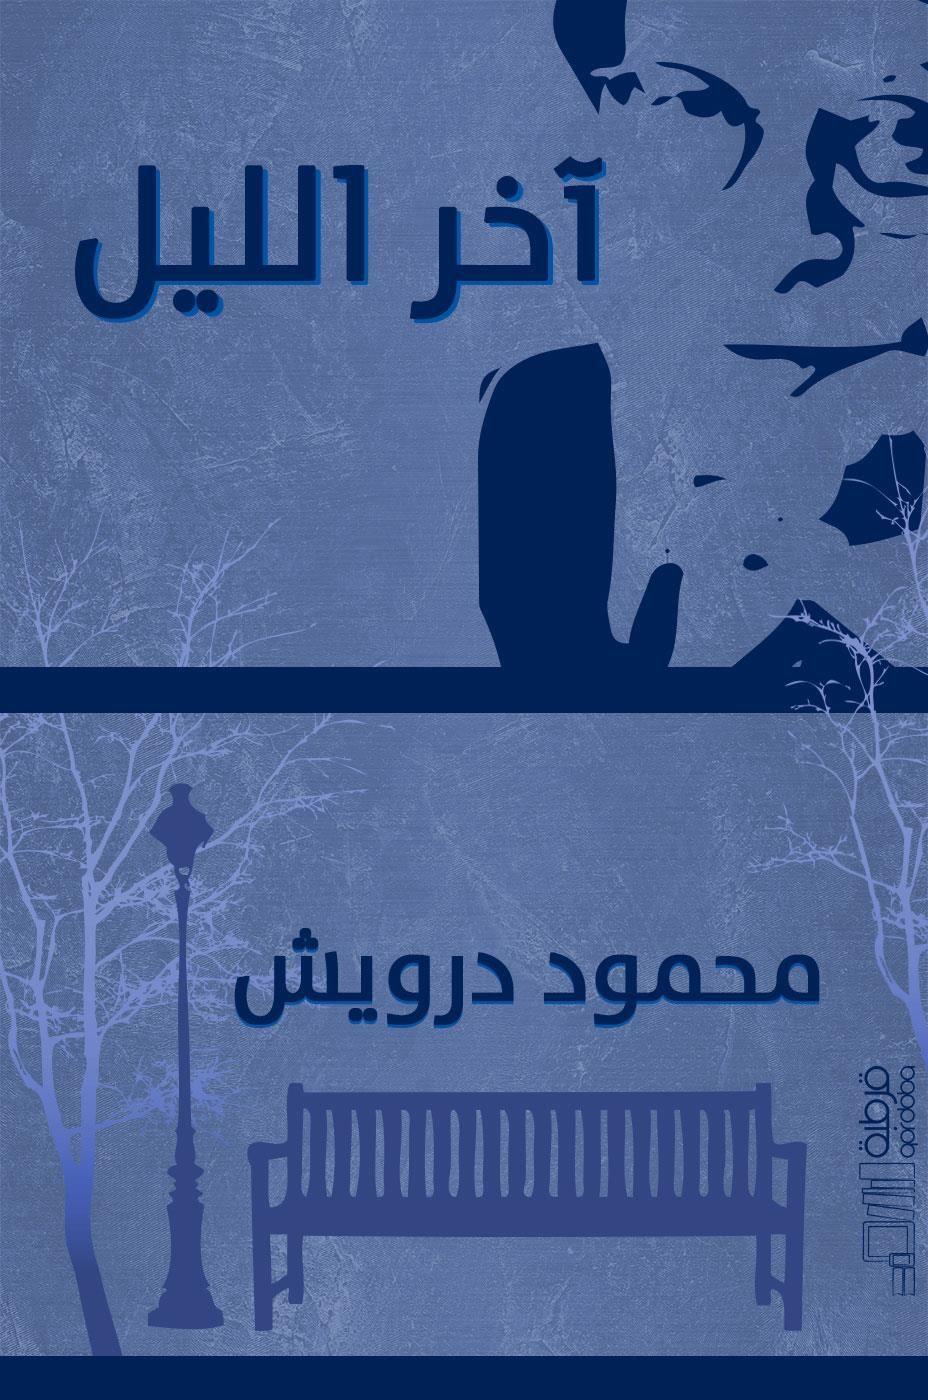 آخر الليل محمود درويش حلمت بعرس الطفولة بعينين واسعتين حلمت حلمت بذات الجديلة حلمت بزيتونة لا تباع ببعض قروش قليلة حلمت بأ Books Book Worth Reading My Books